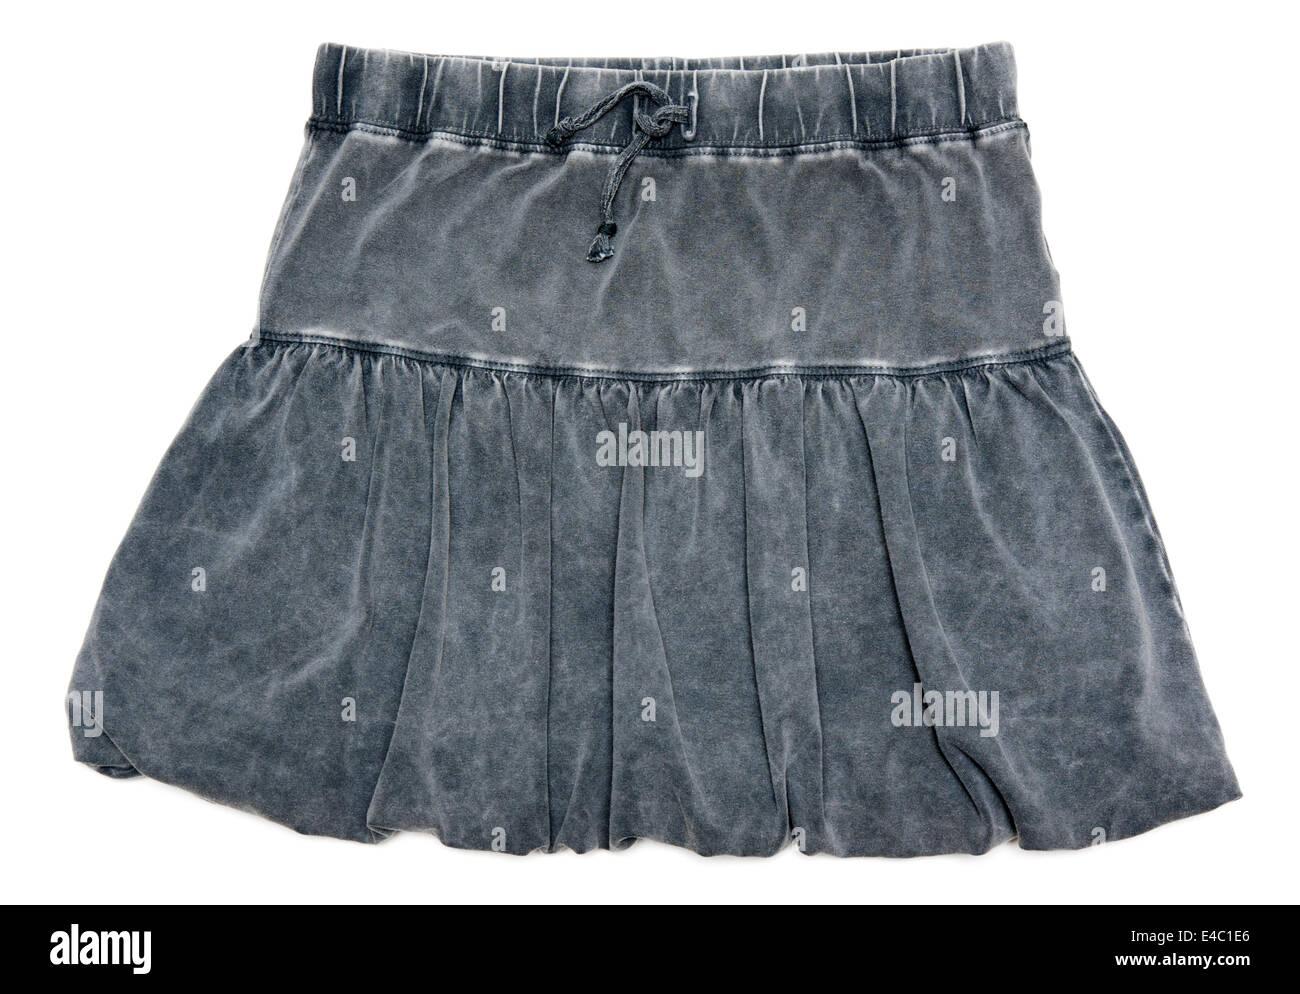 Gray feminine skirt - Stock Image